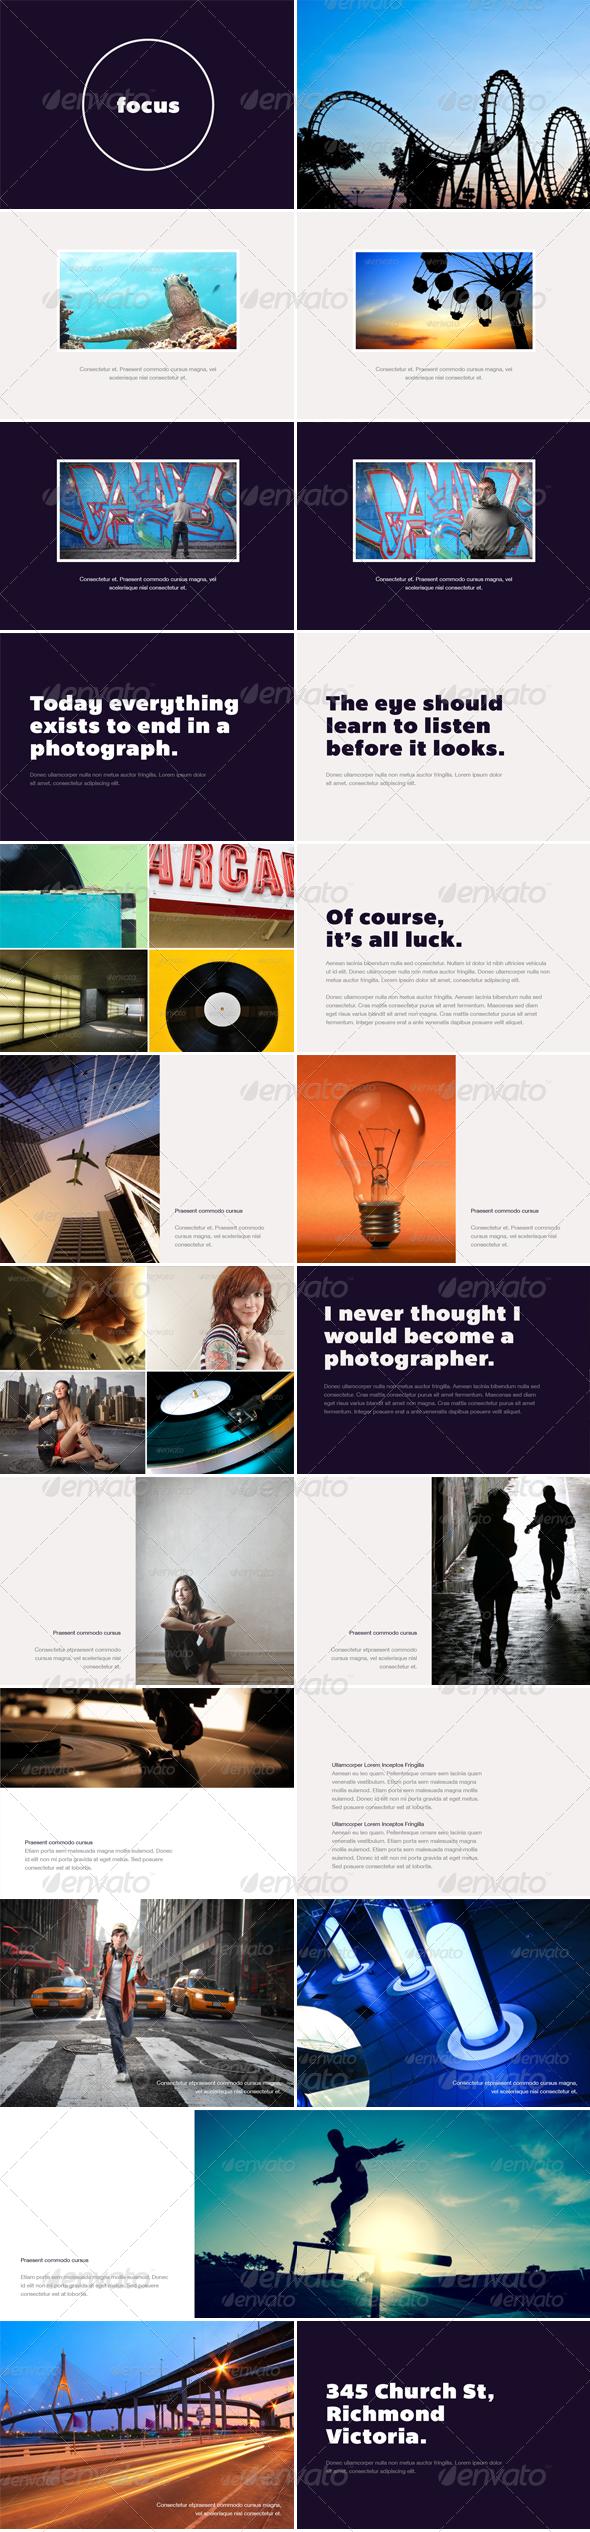 Focus - Photo Album or Folio Template - Photo Albums Print Templates